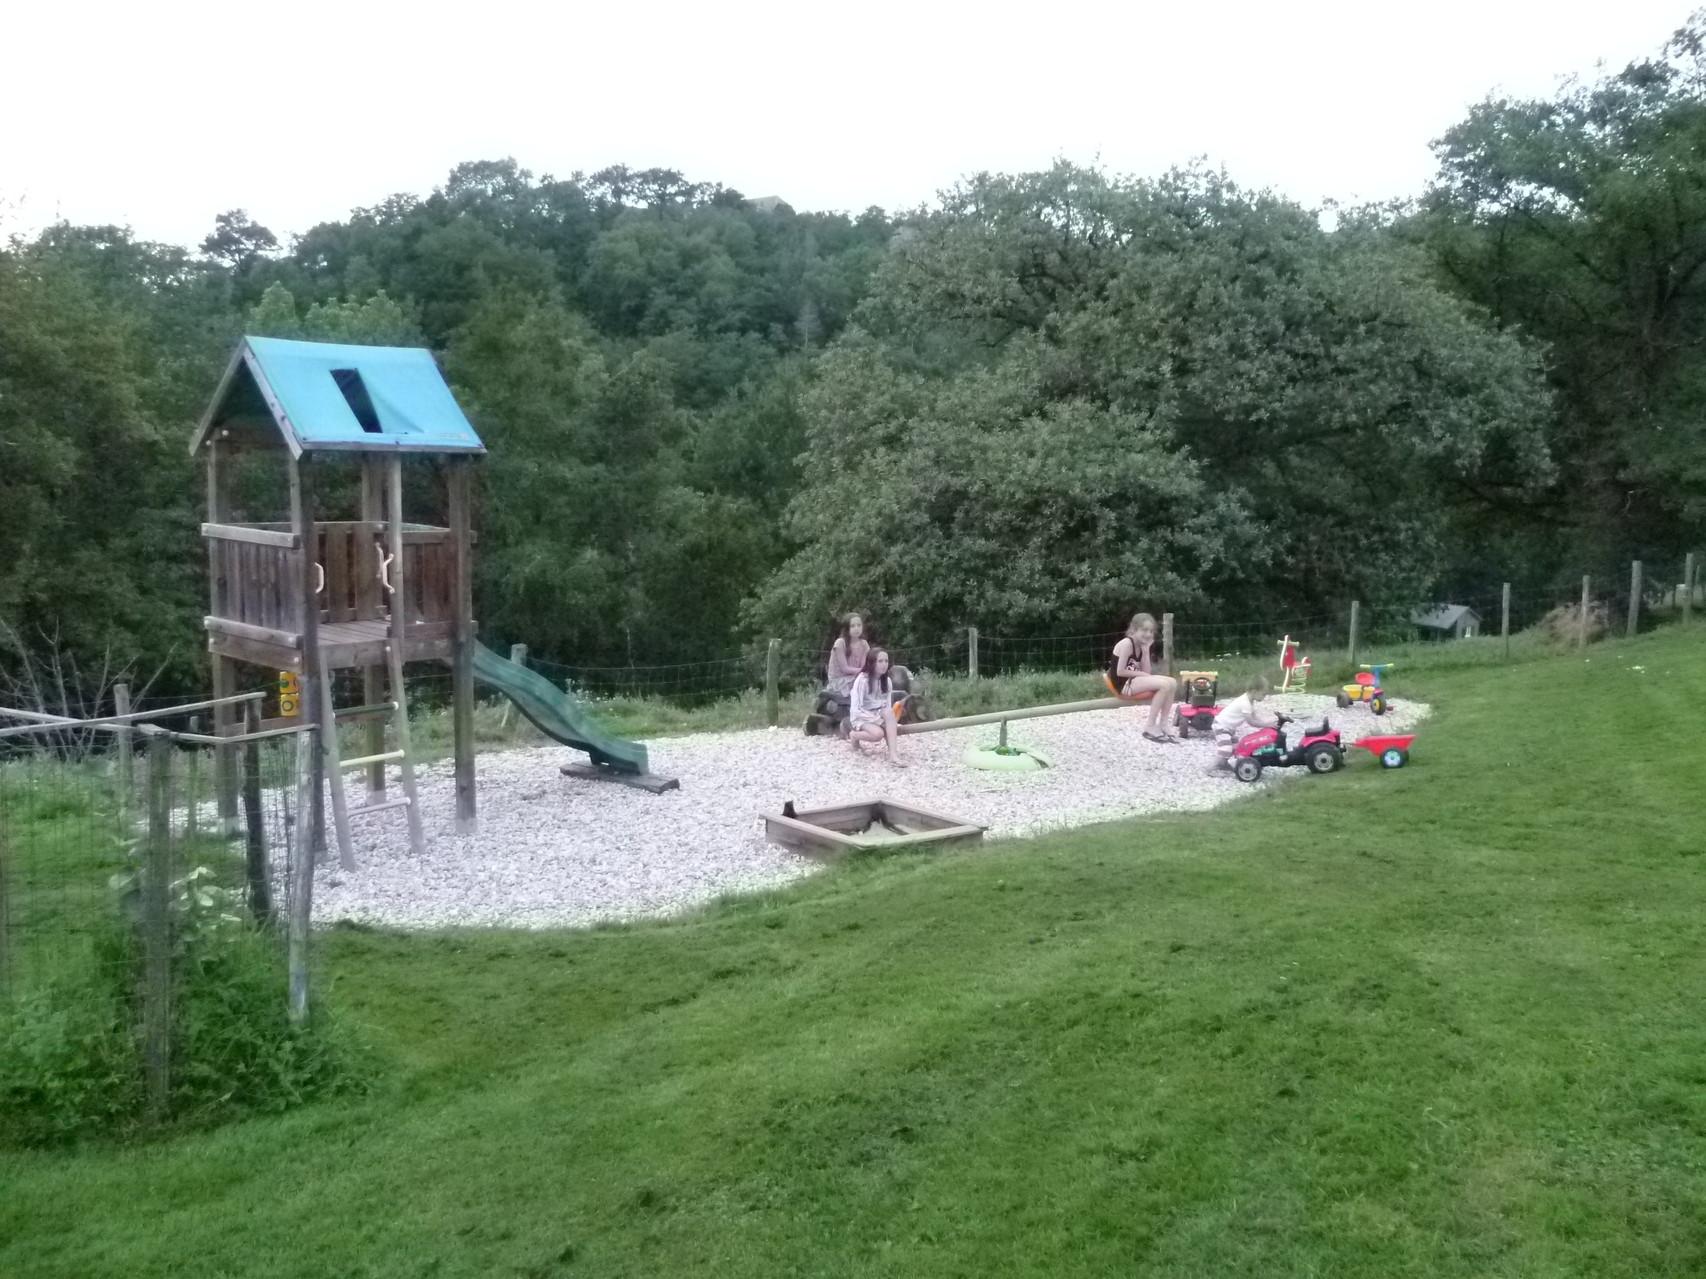 Aire de jeux : toboggan, jeu à ressort, balançoire, bac à sable, tracteurs à pédales, cabane